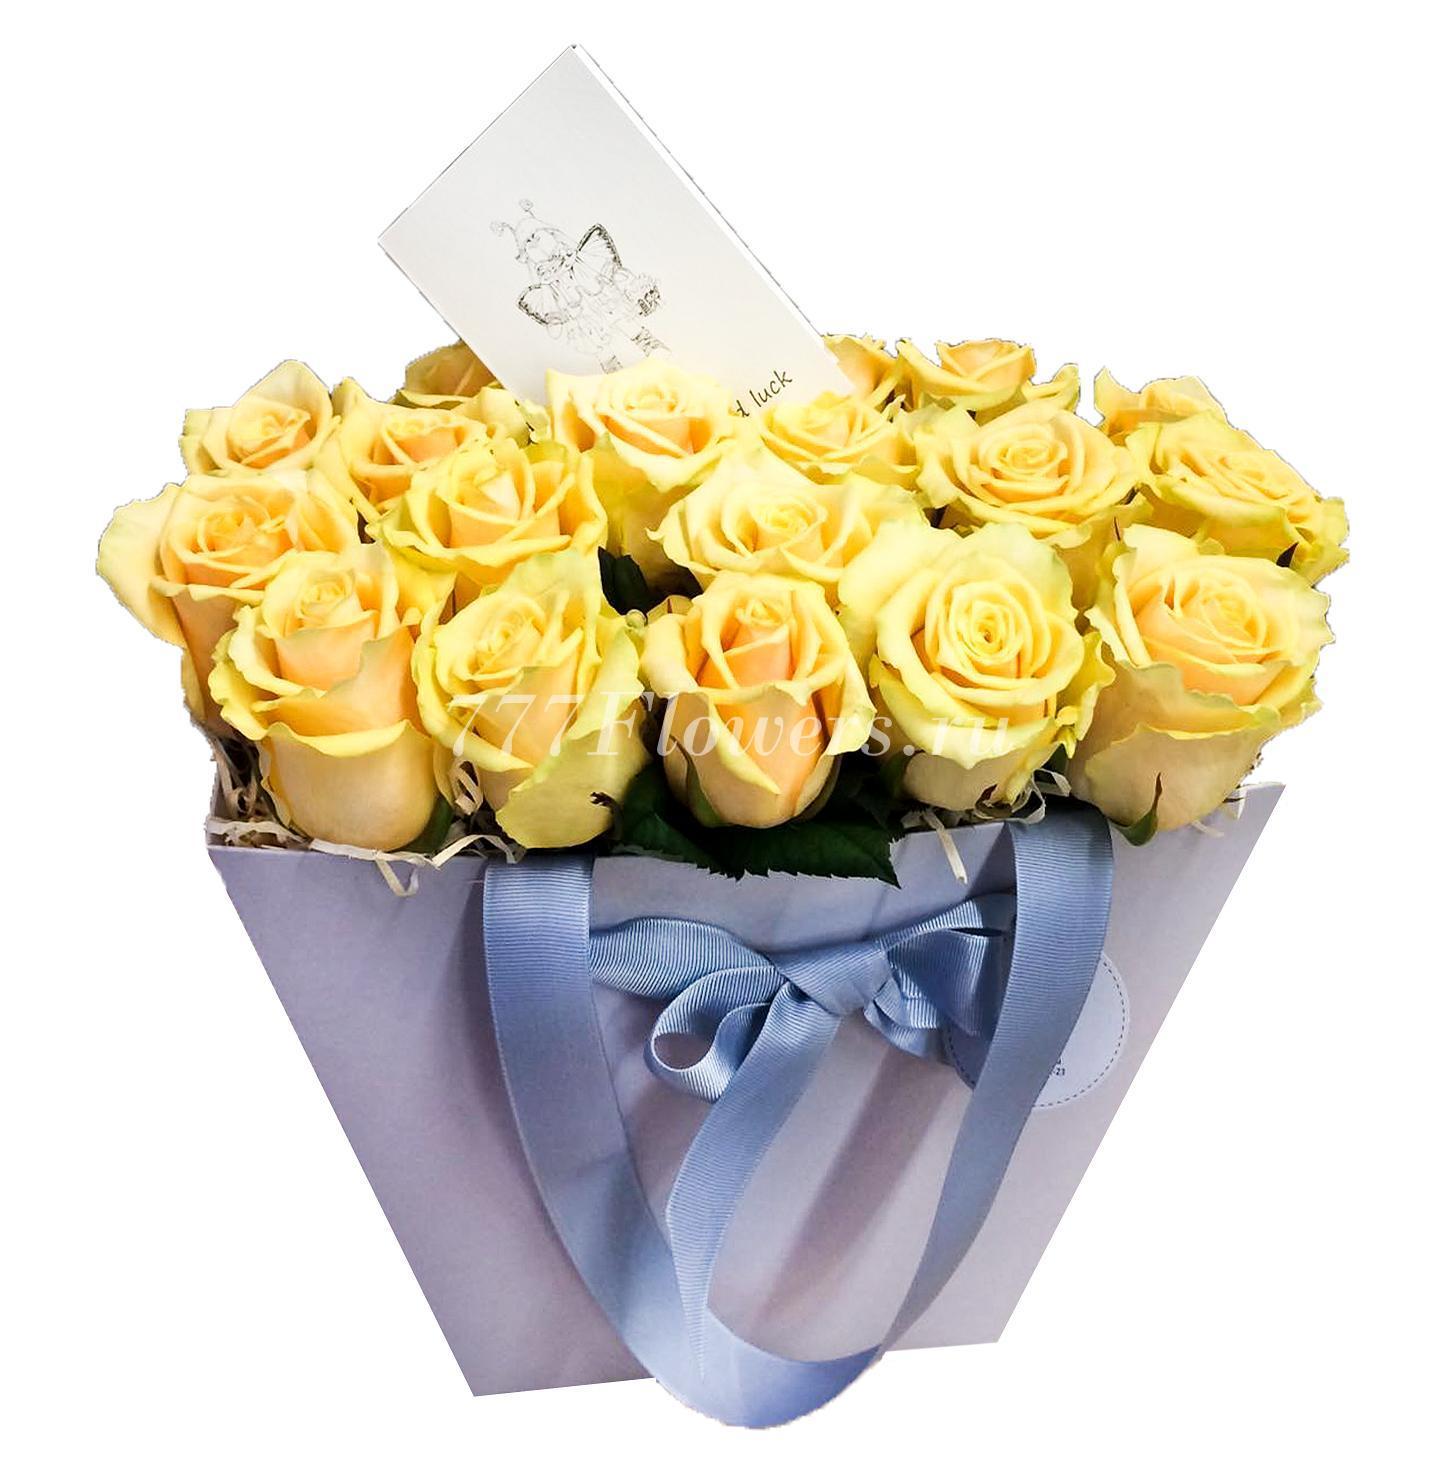 Купить цветы дешево в марьиной роще 3 d цветы в желе купить